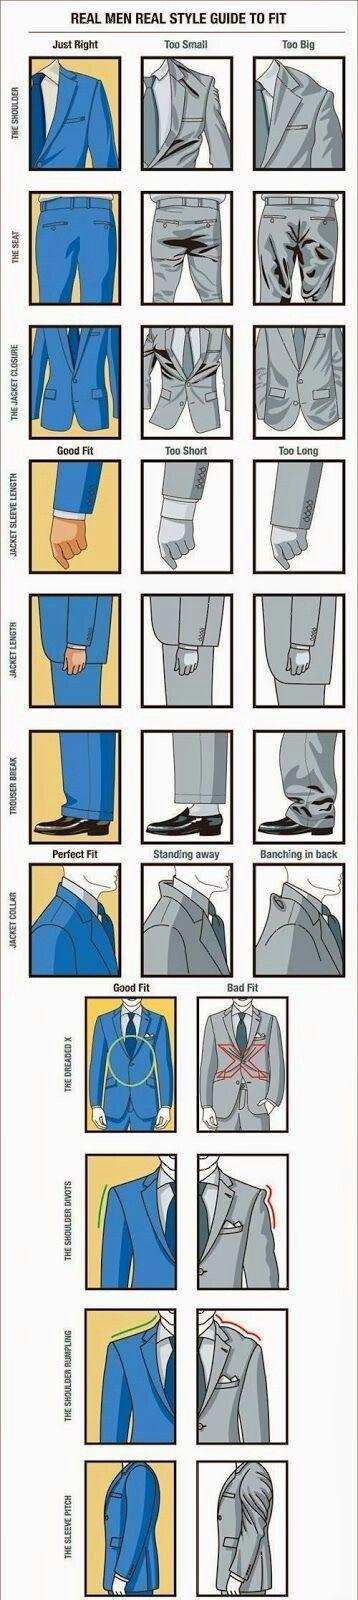 Astuce pour bien porter un costume, homme, style vestimentaire, conseil en image de soi, relooking